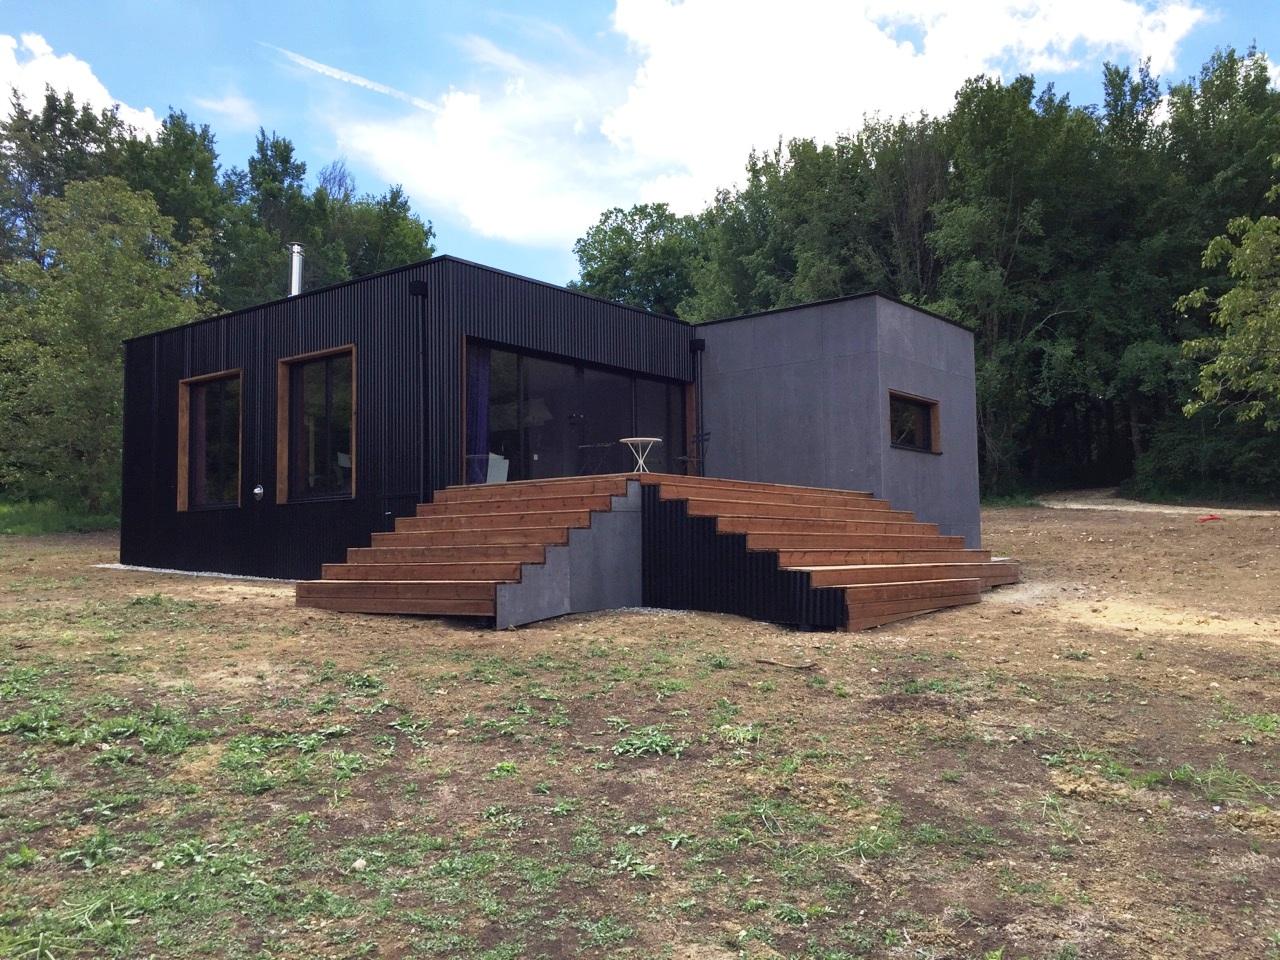 Constructeur De Maison Gers prao – construction maison individuelle gers (32) | e-loft